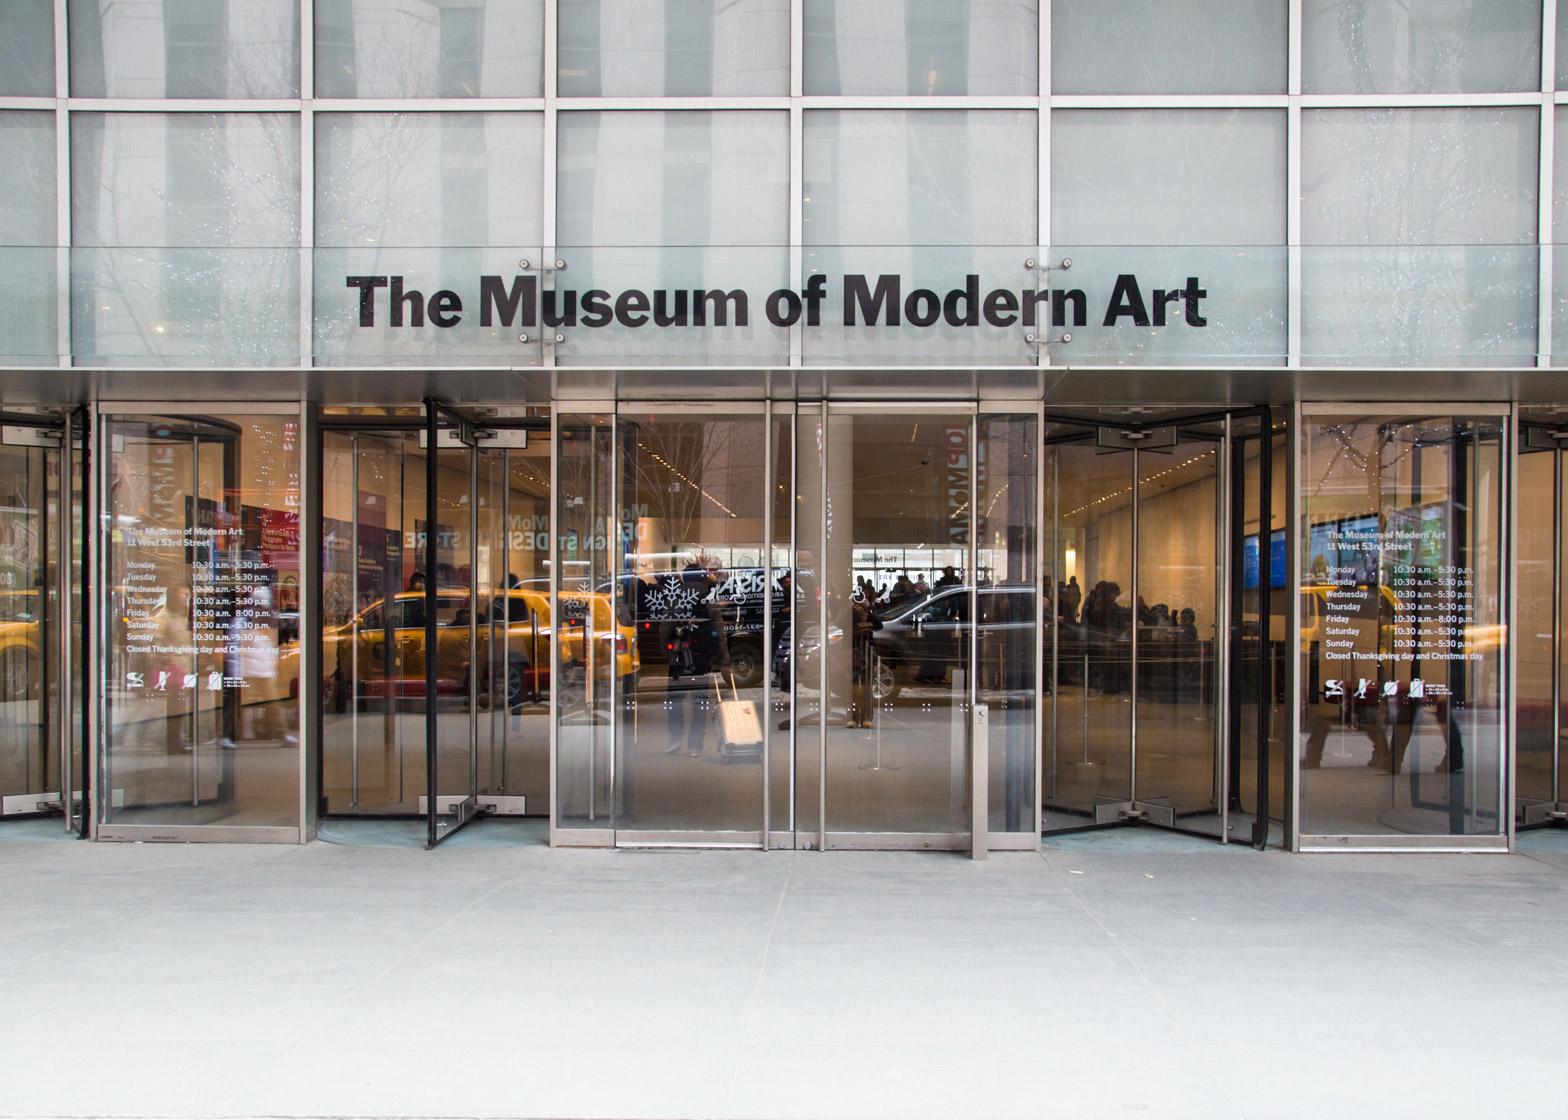 Музей современного искусства (Museum of Modern Art)